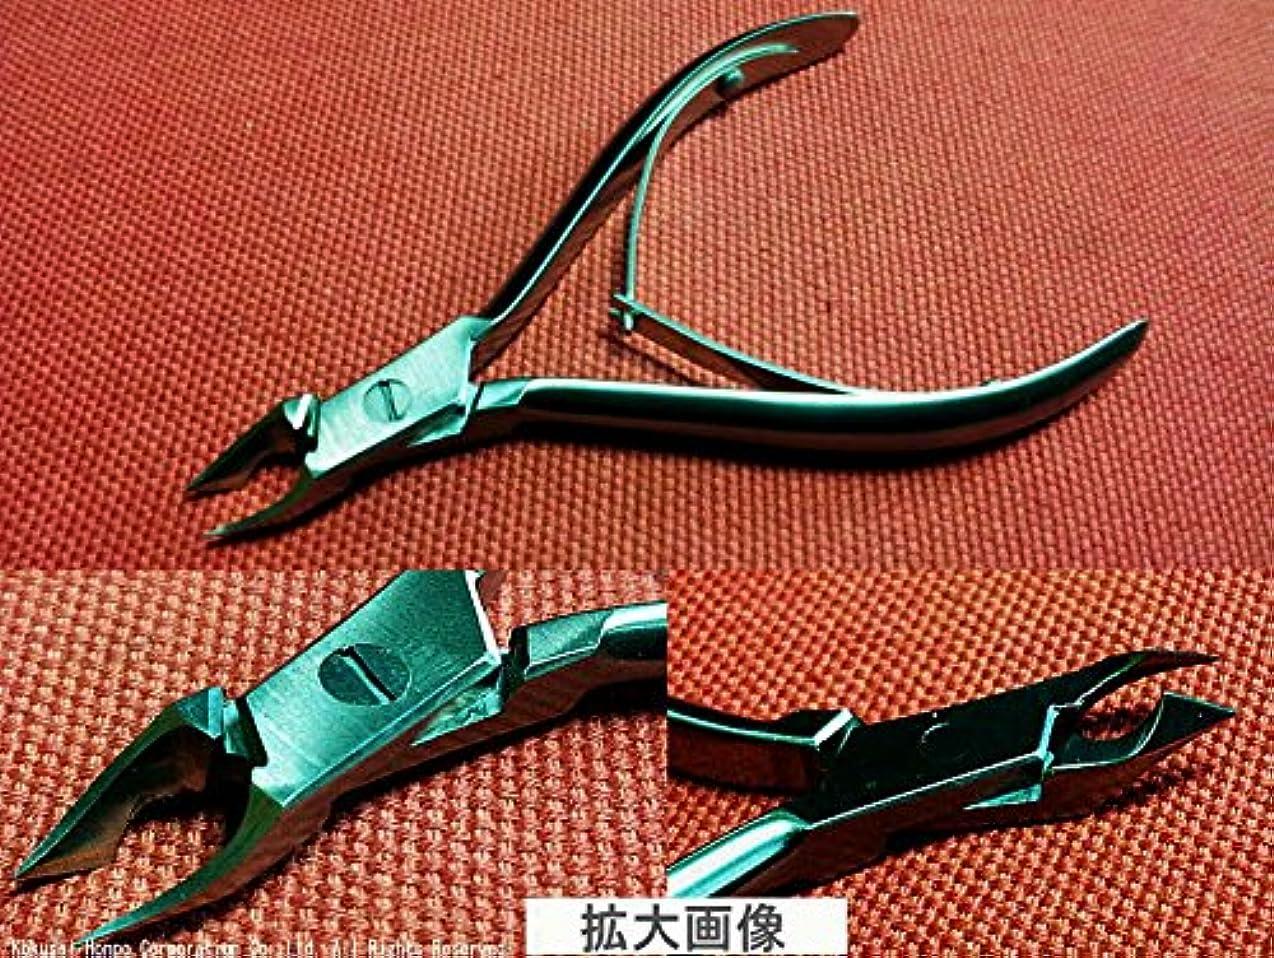 現代架空の数字#15キューティクルニッパー(甘皮用)*爪の生え際あま皮カットに◆医療器具にも使用されるステンレス製